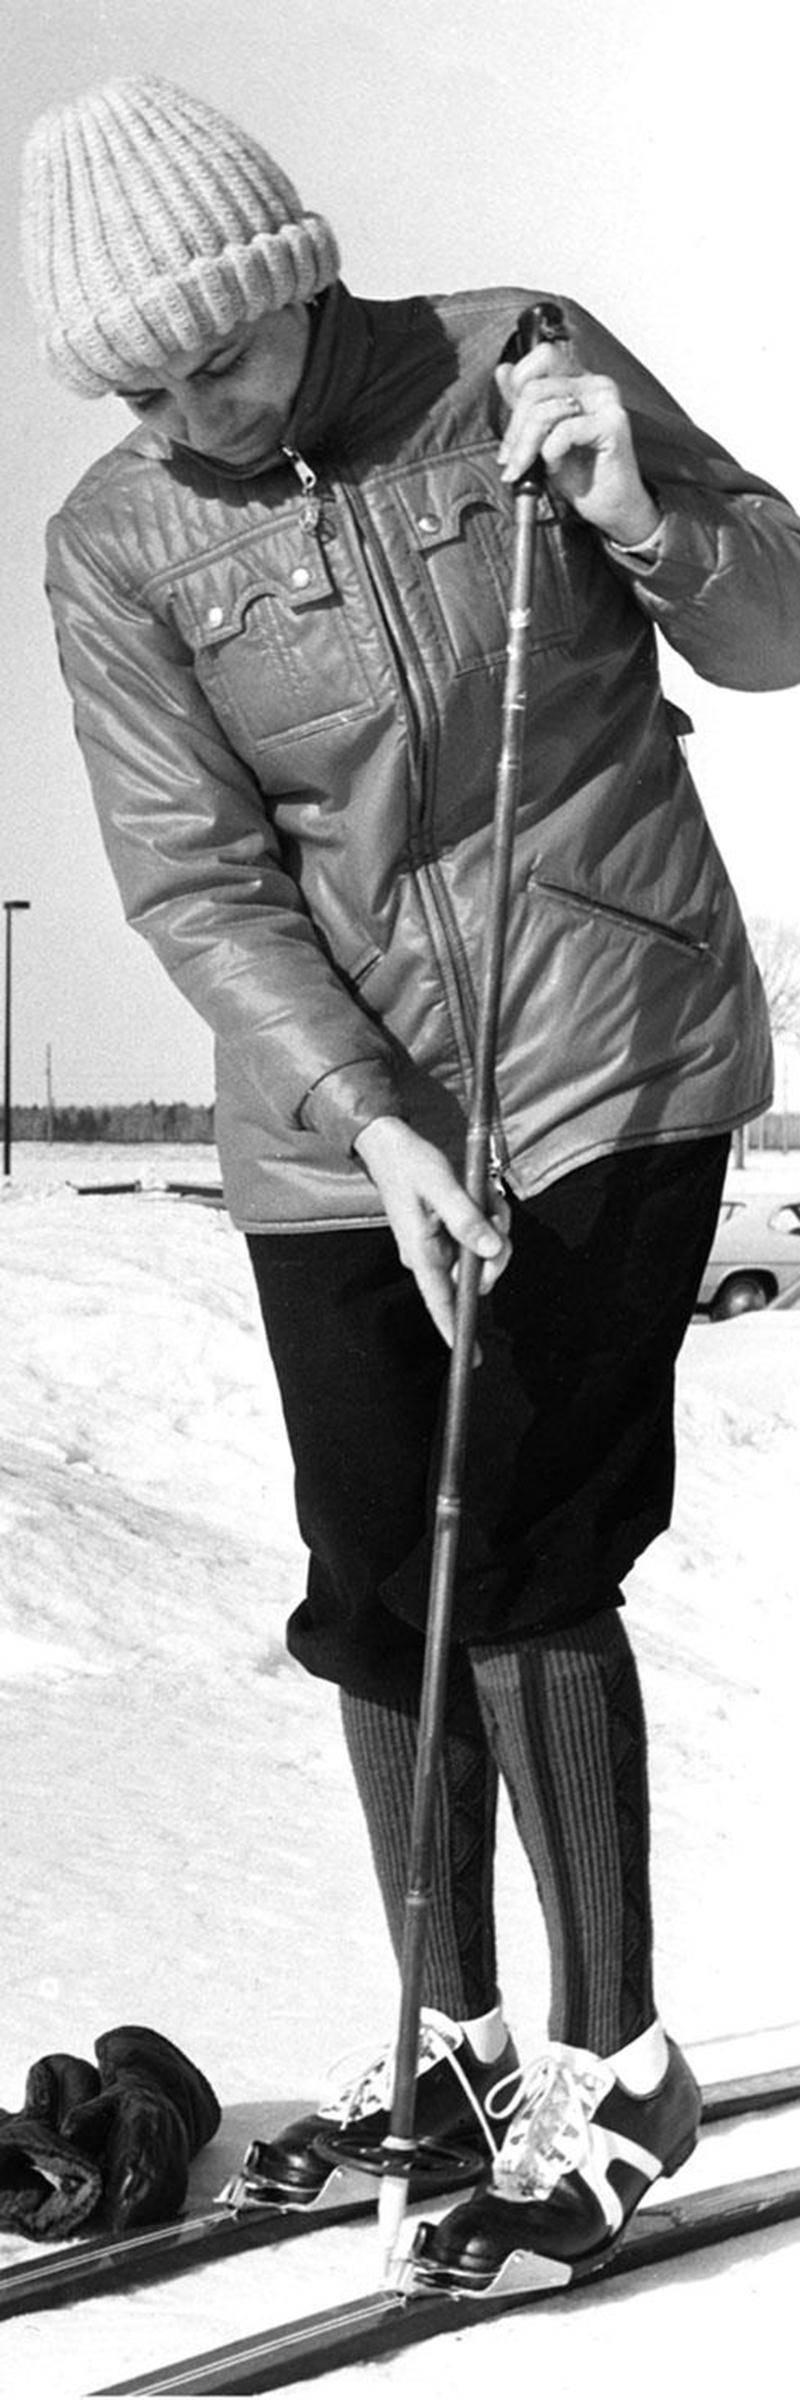 Une skieuse de fond se prépare pour une randonnée sur le terrain du Club de golf Saint-Hyacinthe vers la fin des années 1970. Coll. Centre d'histoire de Saint-Hyacinthe.